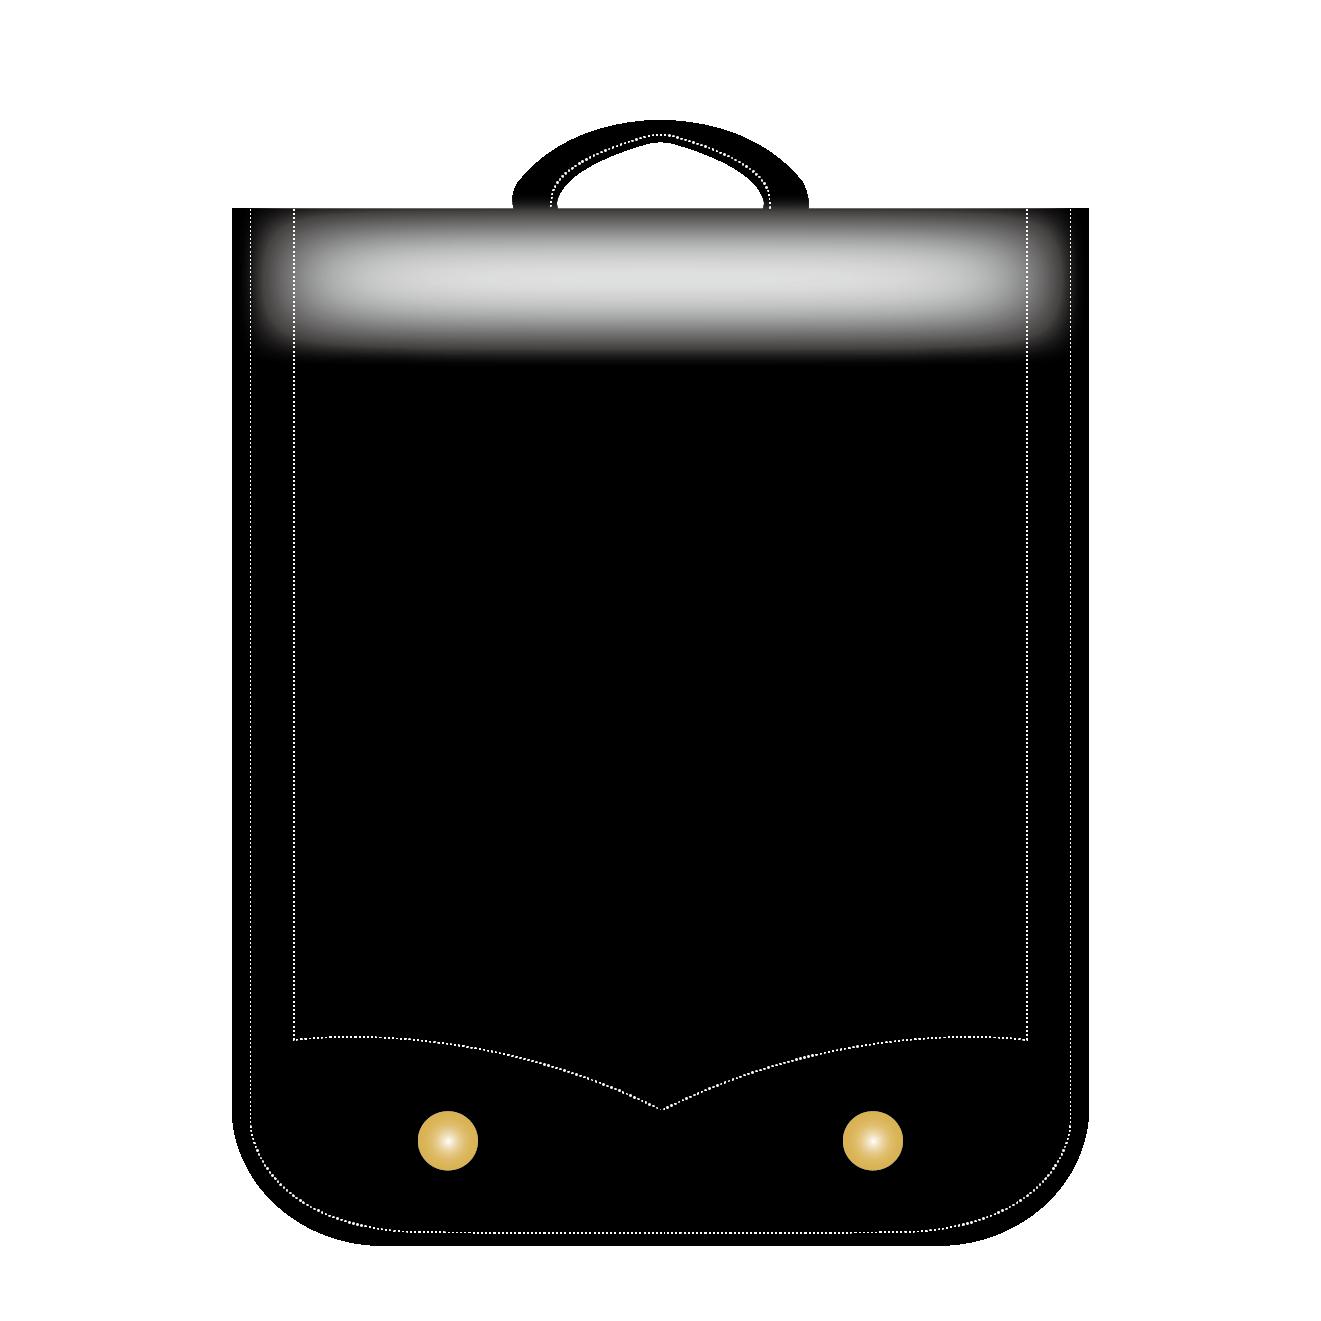 おすすめ!ランドセルの フリーイラスト!黒(ブラック)